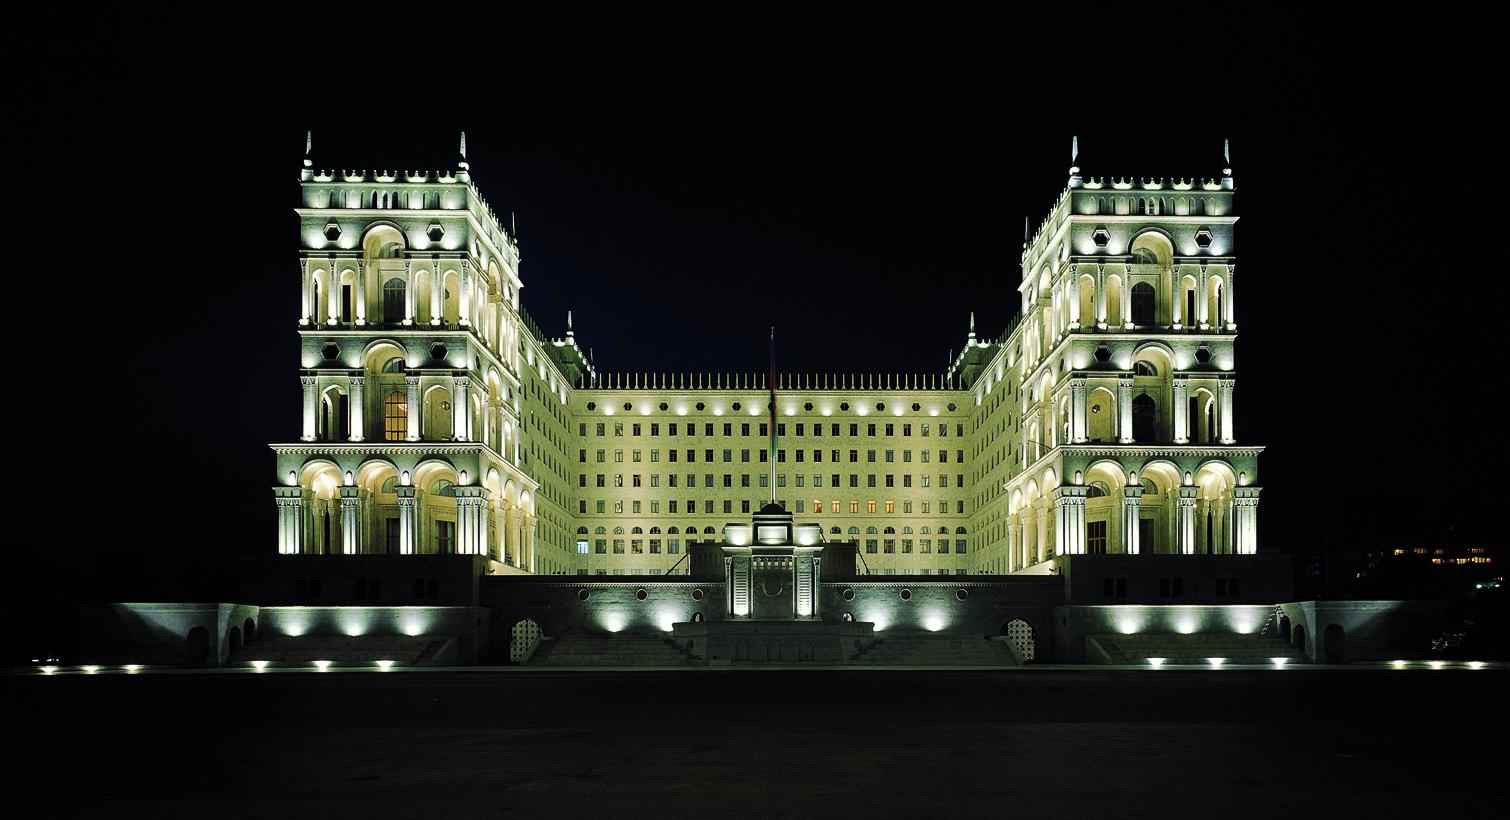 Правильный выбор архитектурной и декоративной подсветки.